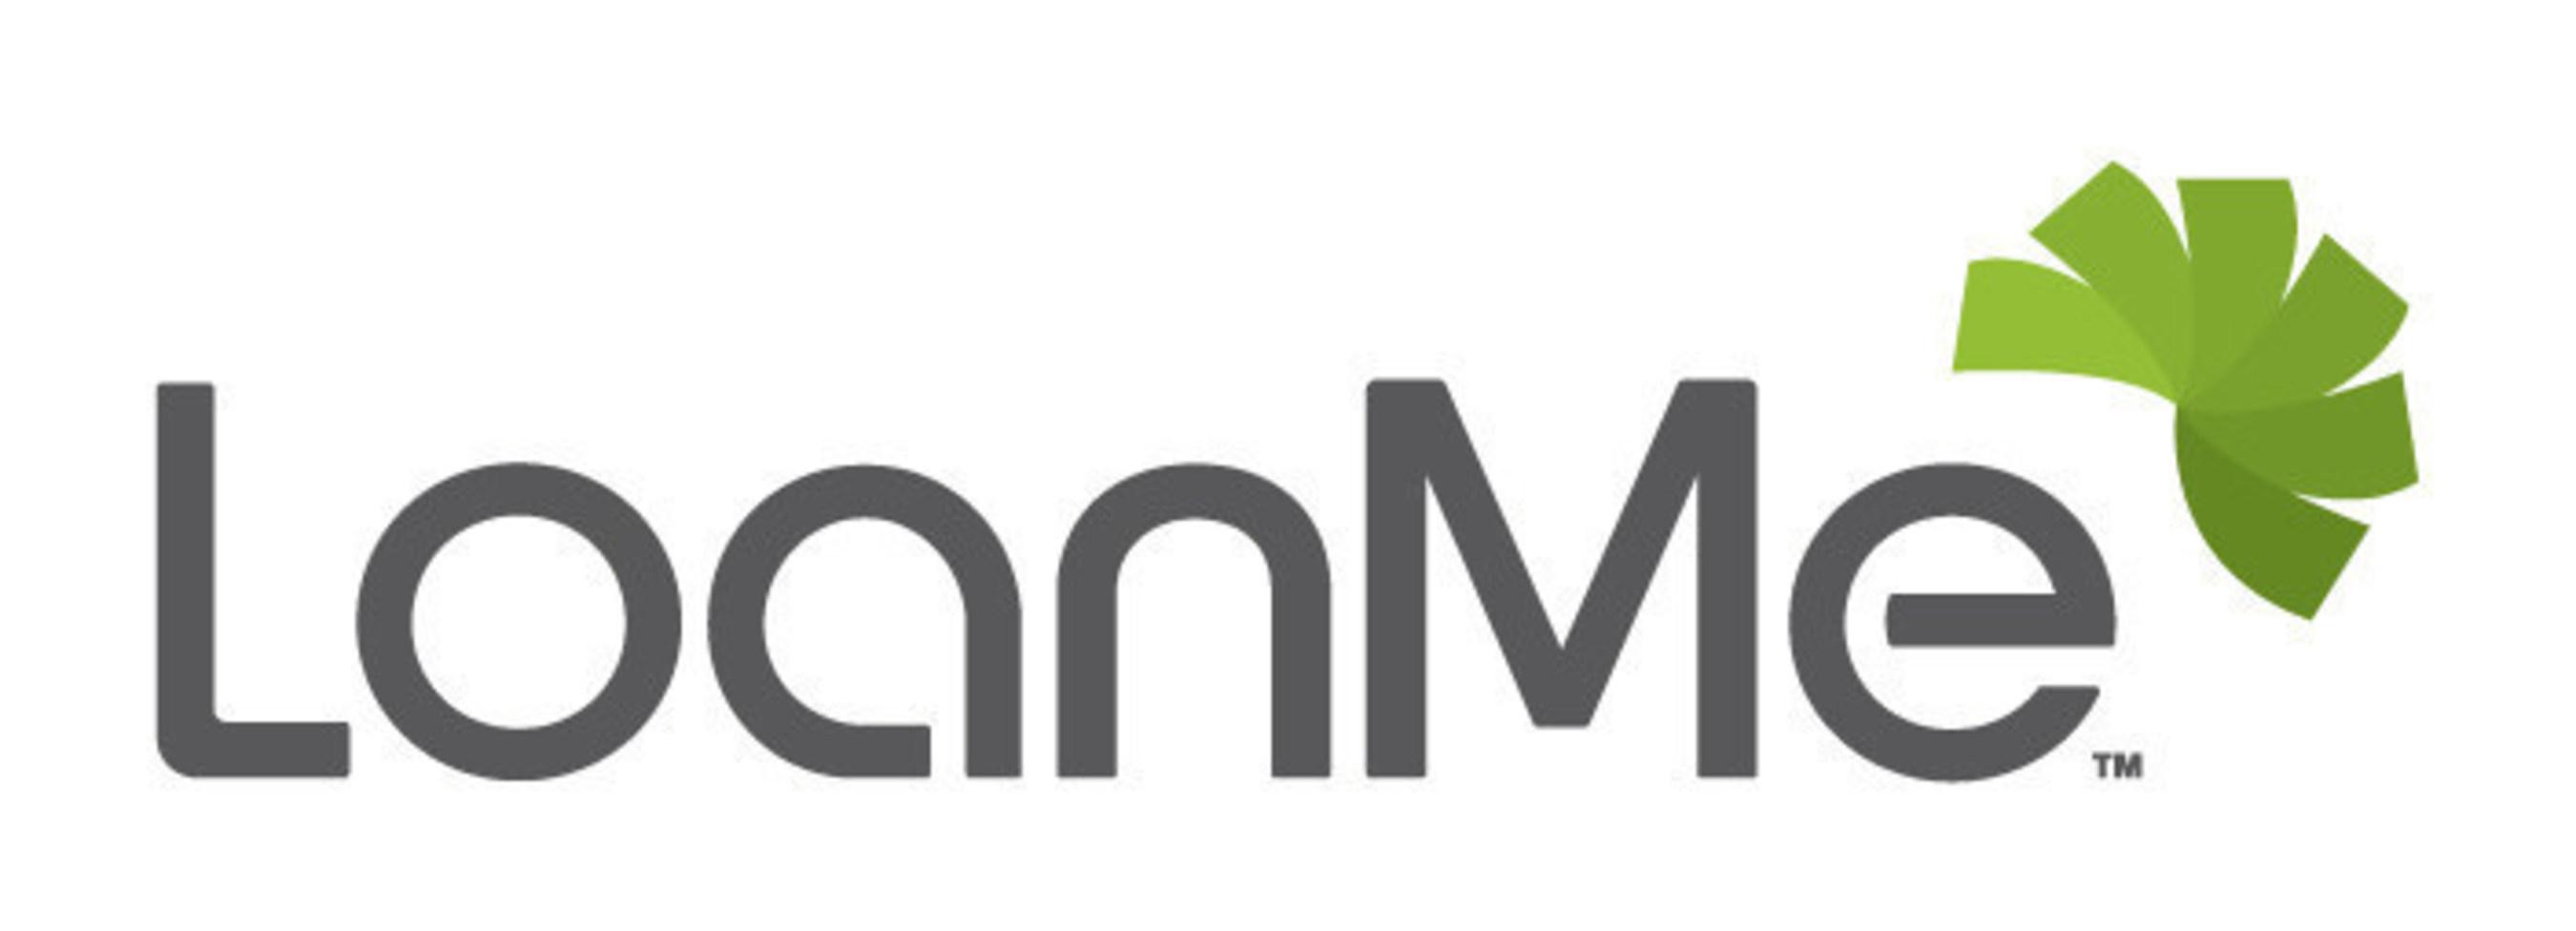 LoanMe.com